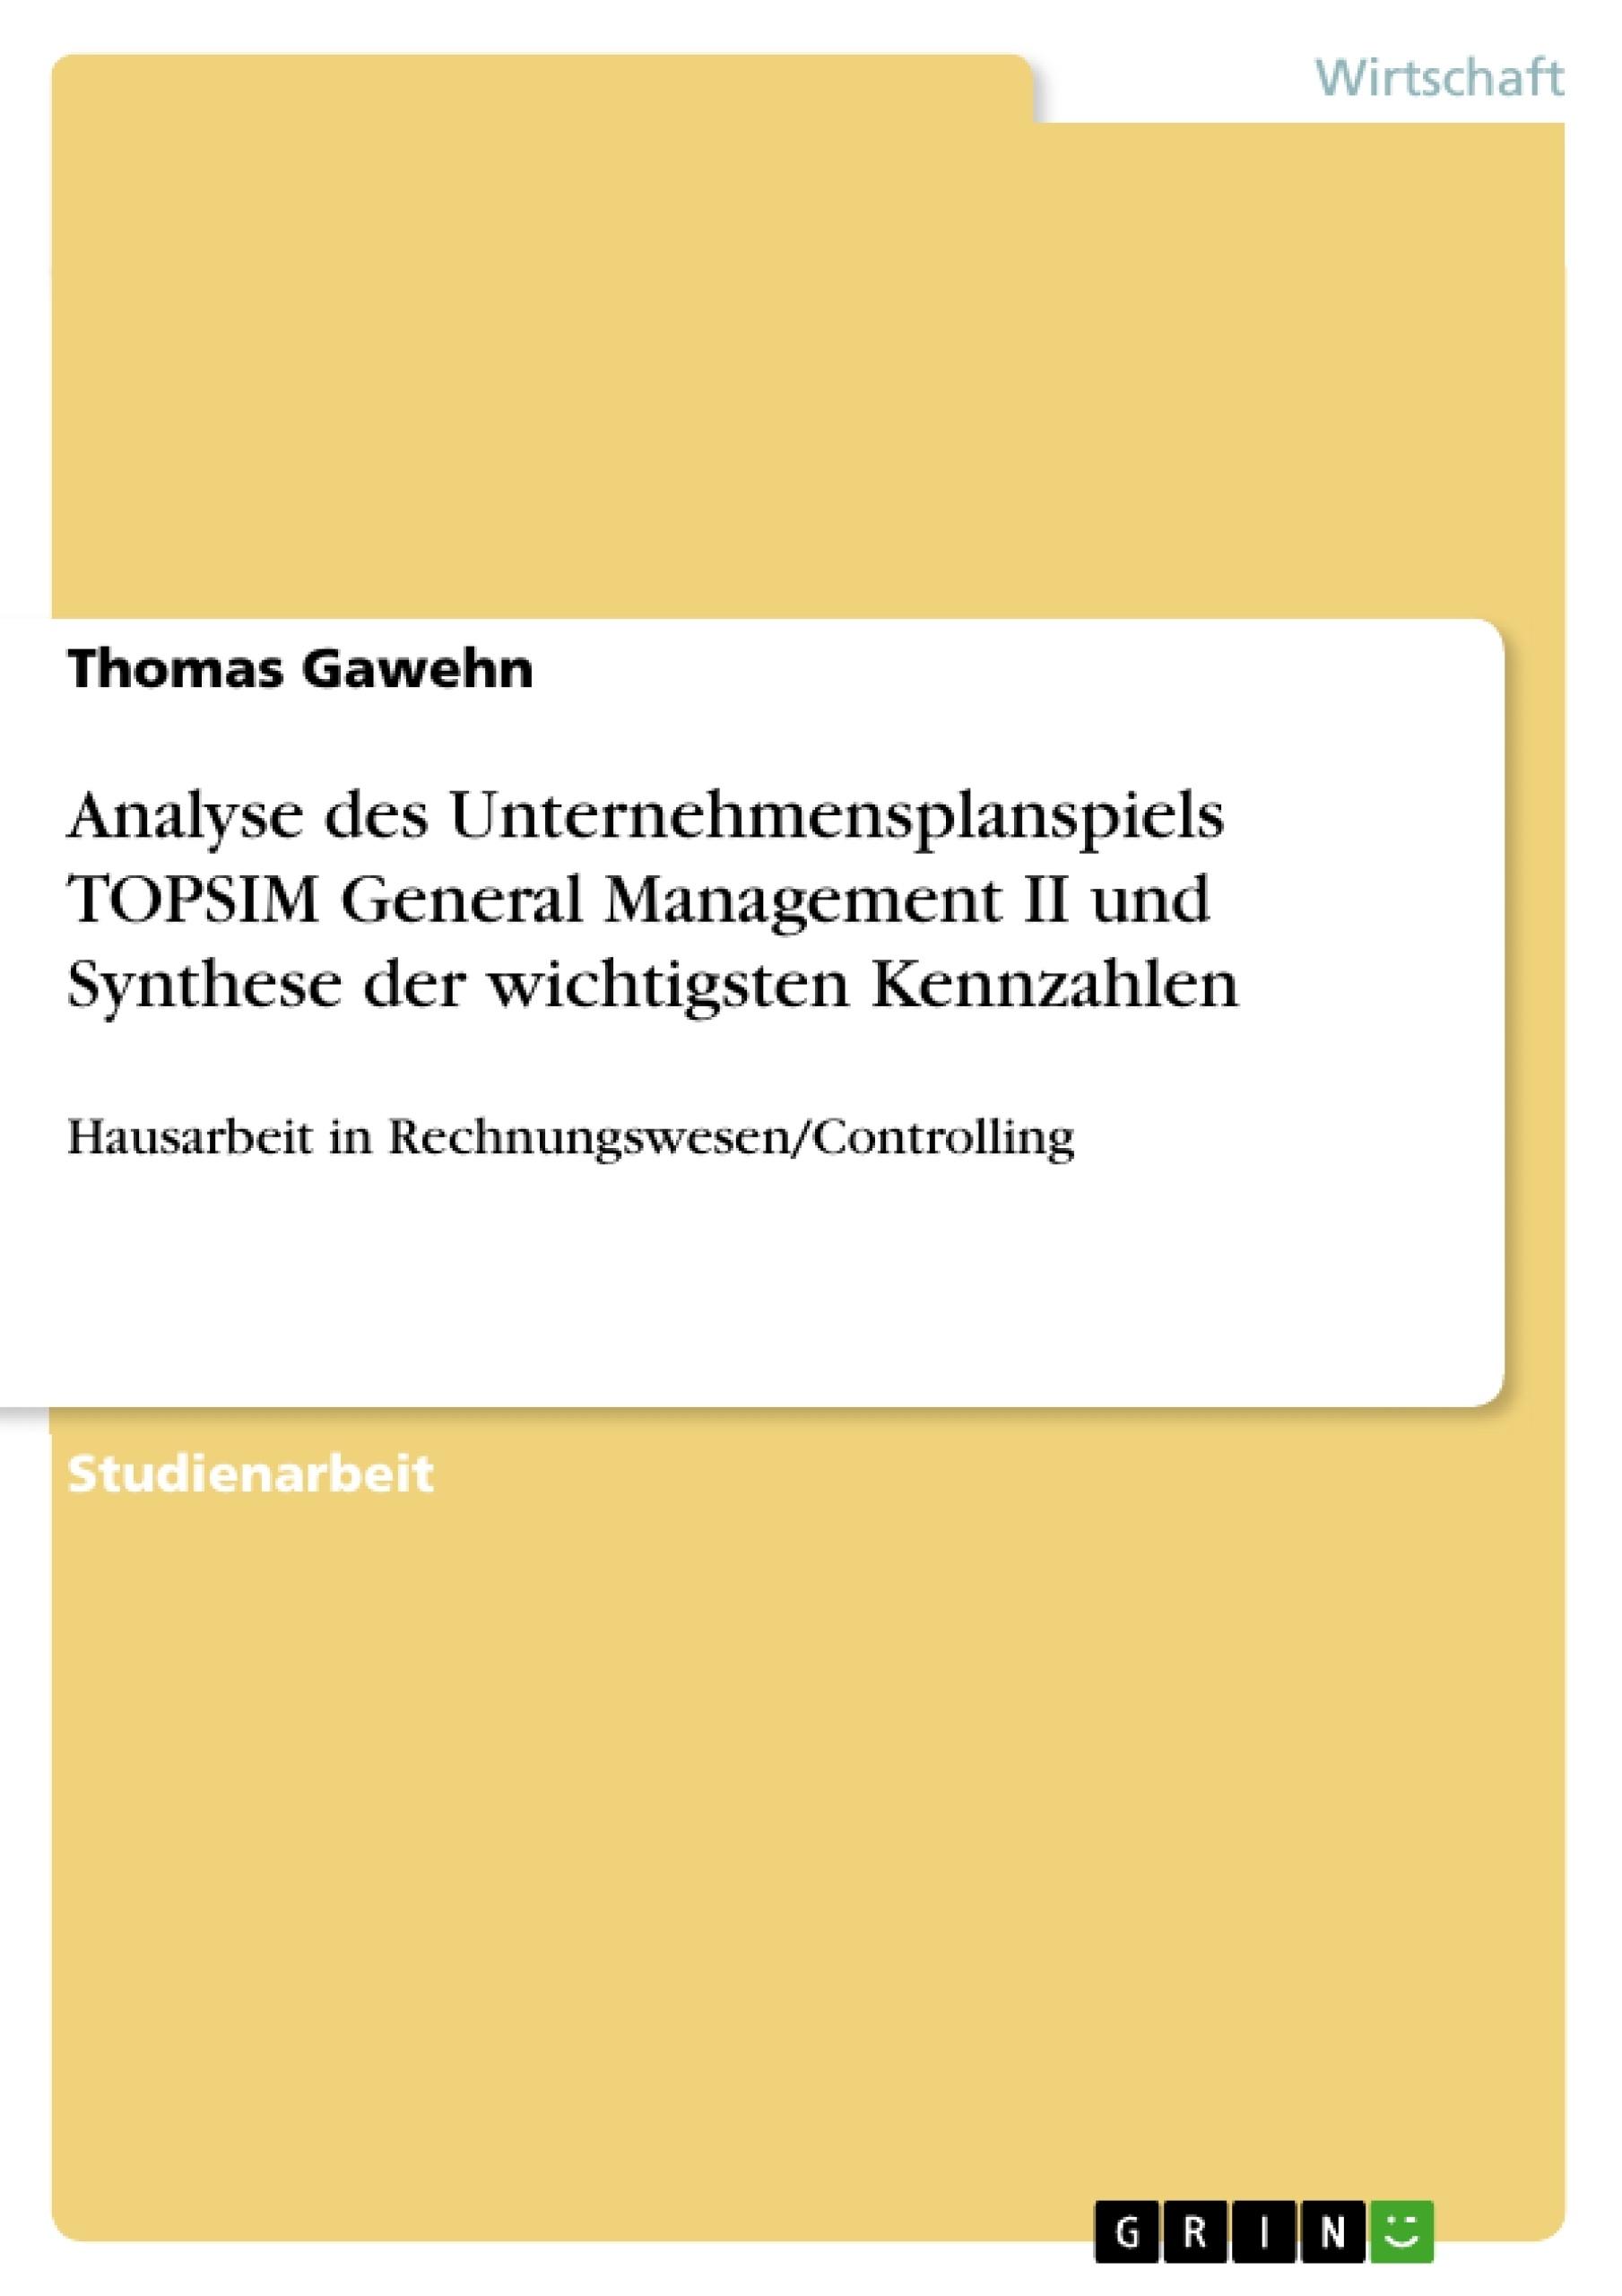 Titel: Analyse des Unternehmensplanspiels TOPSIM General Management II und Synthese der wichtigsten Kennzahlen